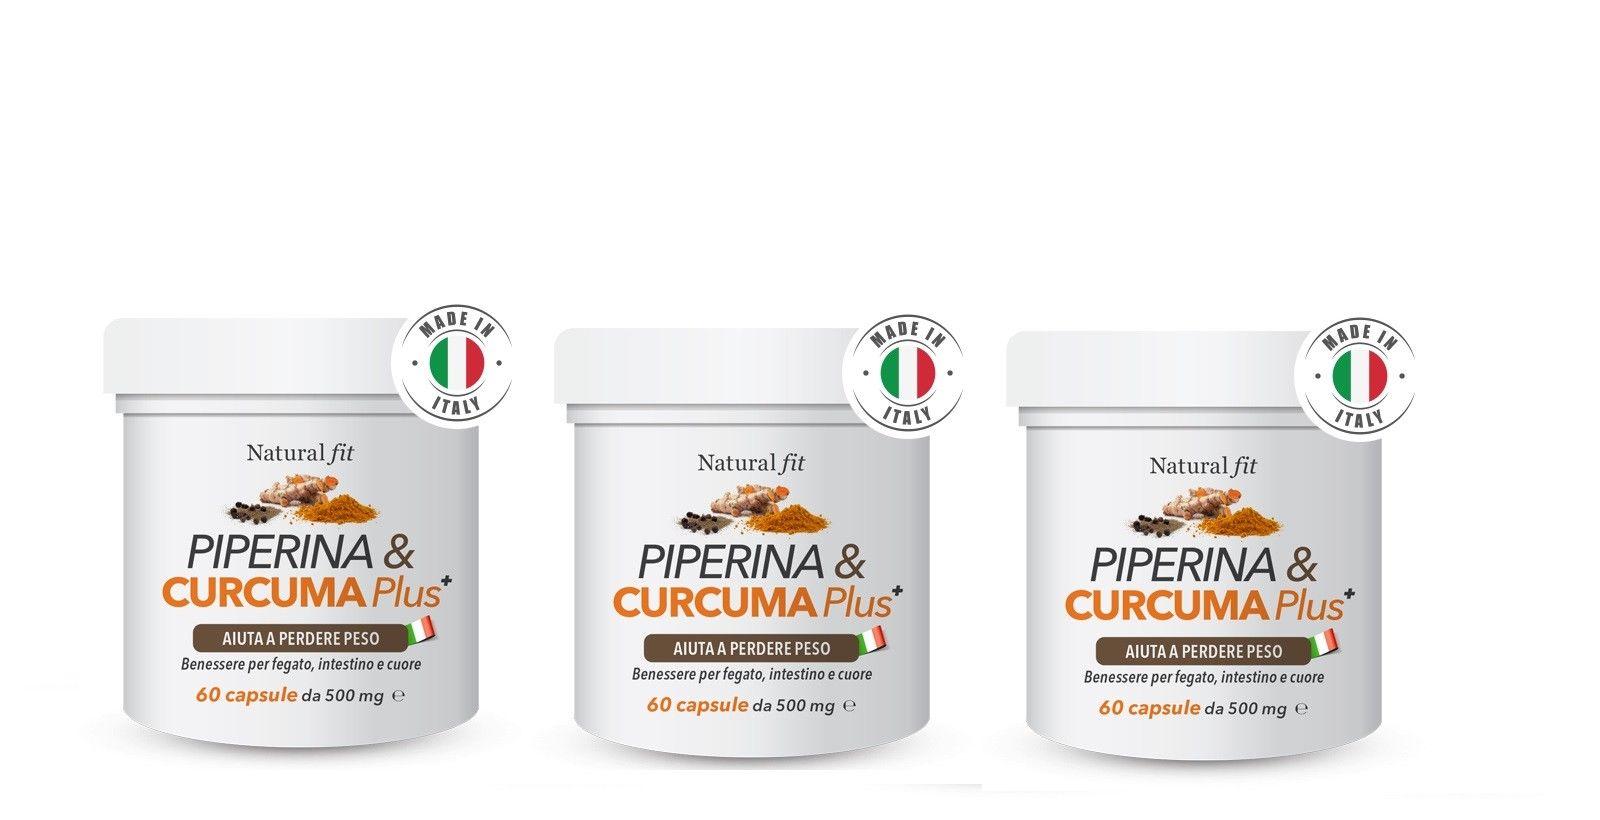 Piperina Curcuma Plus Come Funziona Recensioni Opinioni Dosi Consigliate E Prezzo